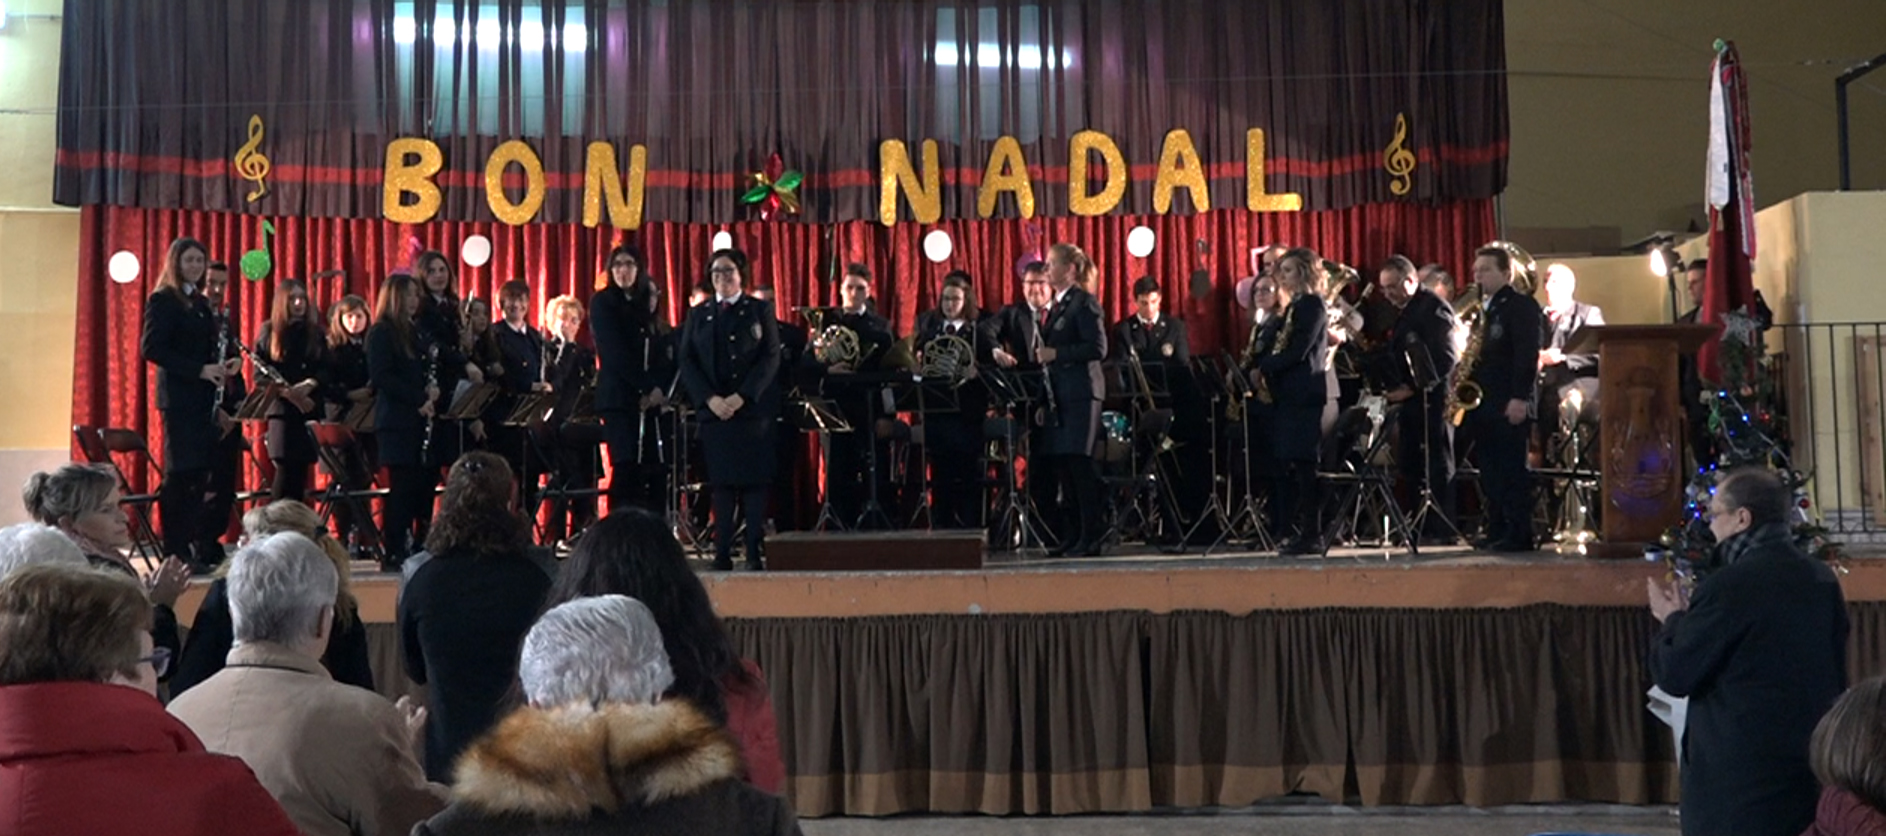 Cervera, la Unió Musical de Santa Cecília va oferir diumenge el tradicional concert de Nadal